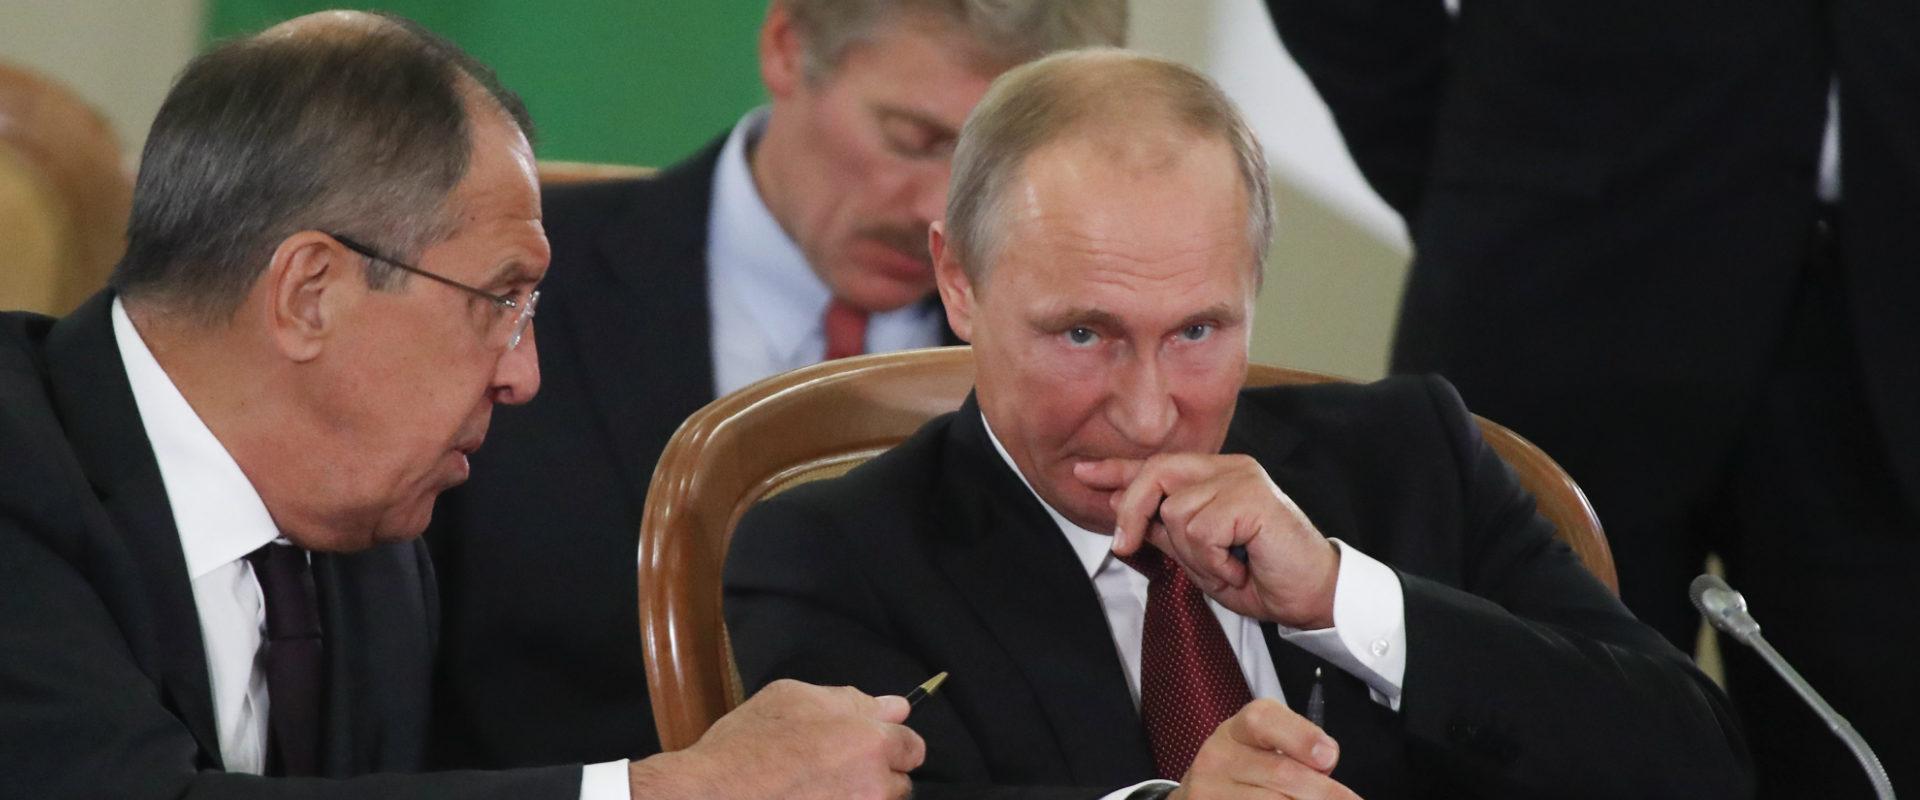 נשיא רוסיה פוטין, לצד שר החוץ הרוסי, סרגיי לברוב